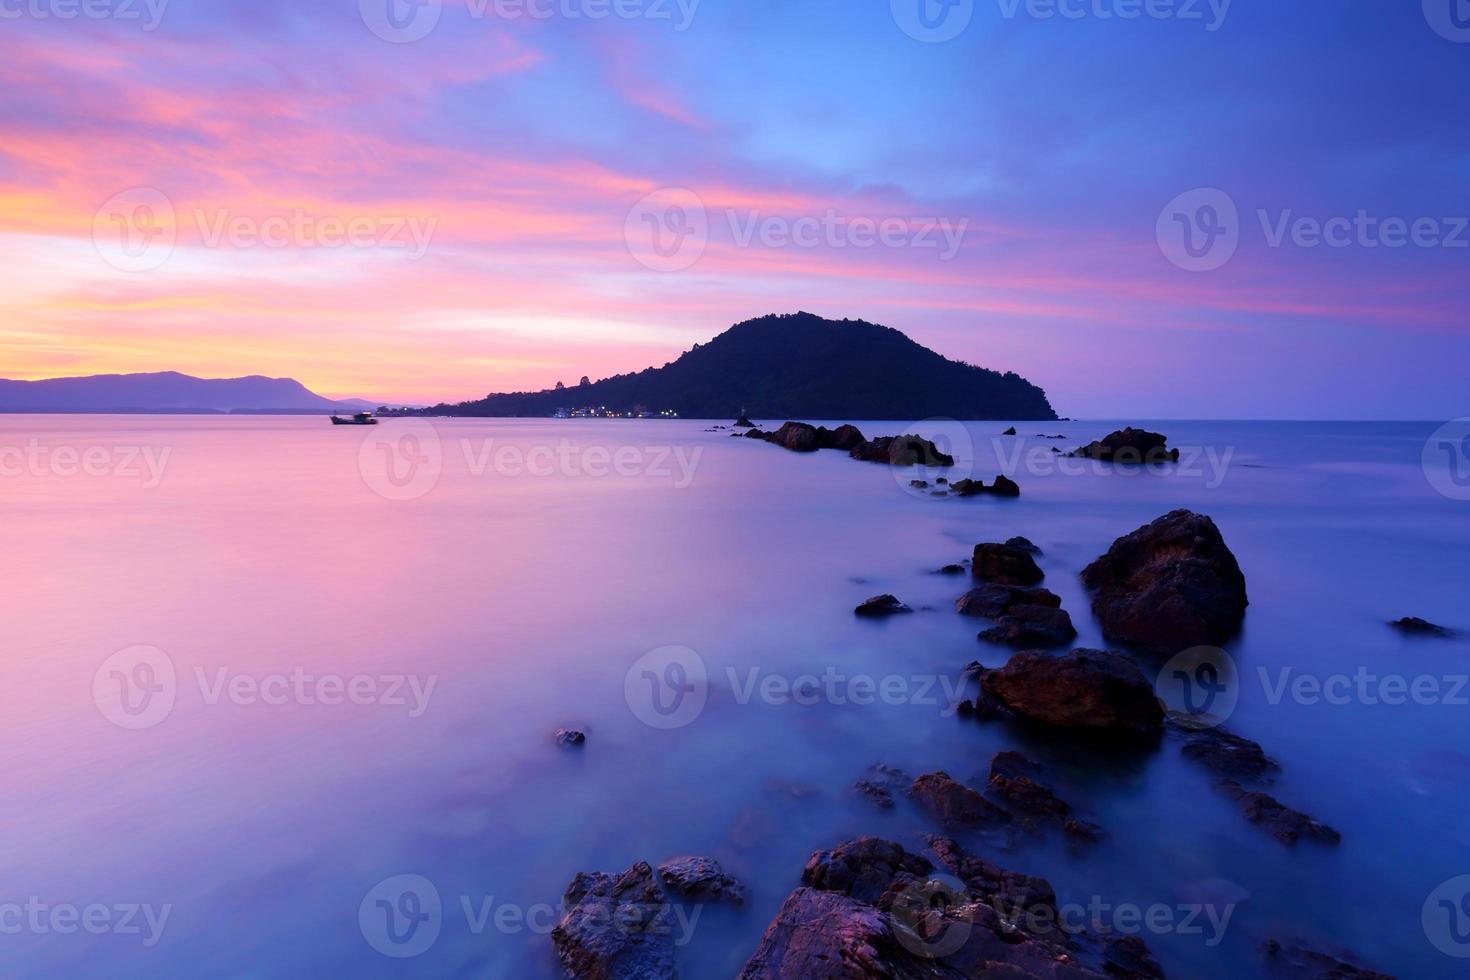 oceano ao nascer do sol foto